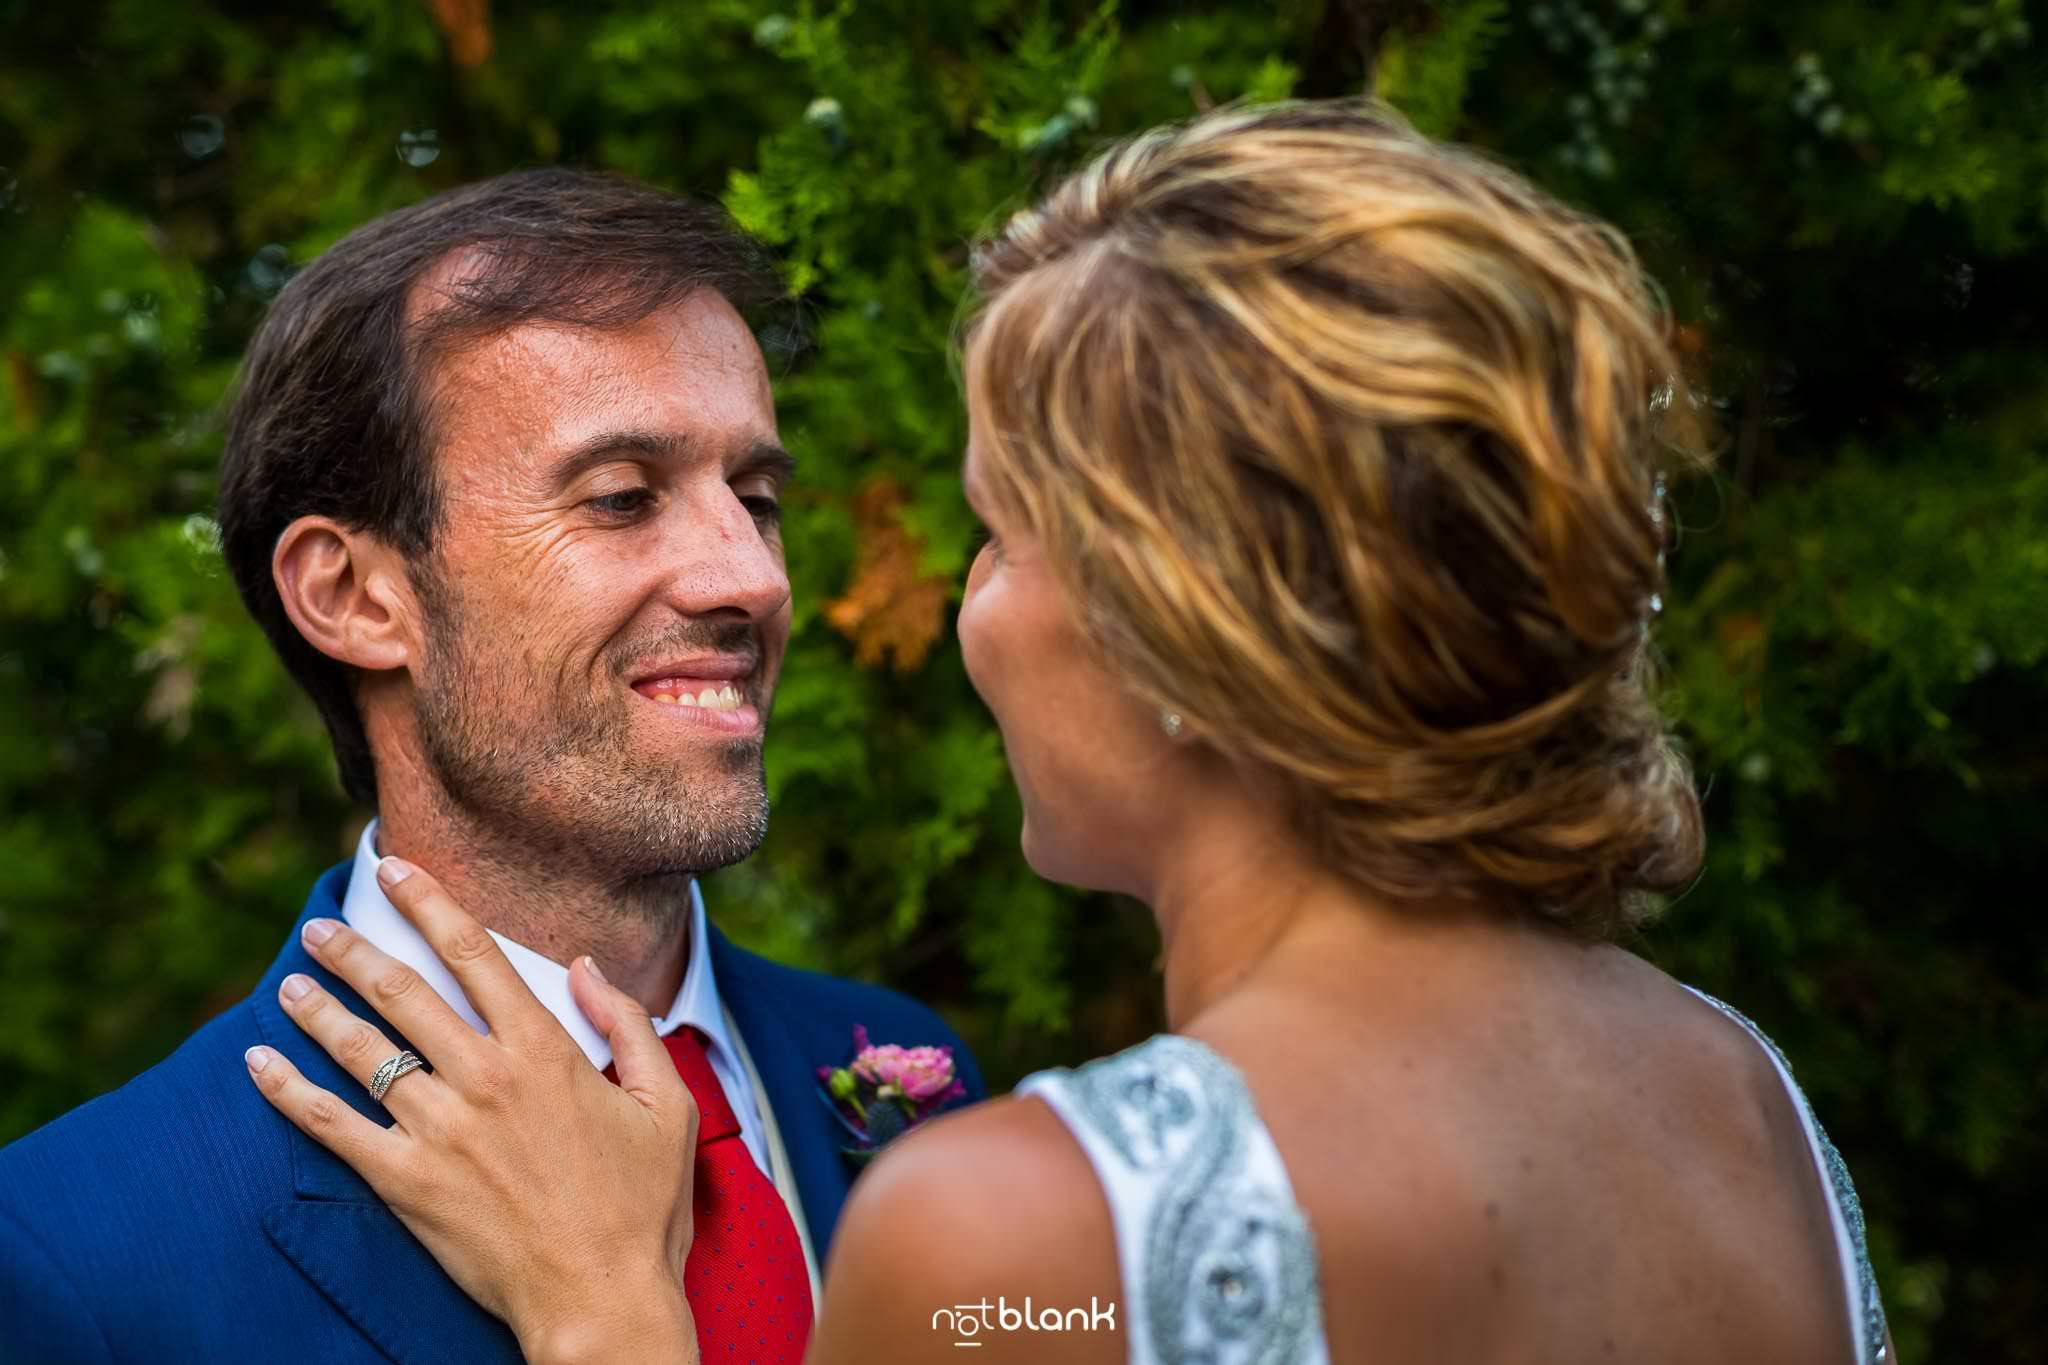 Boda En El Jardin De Casa Jana y Fran - El novio con mirada enamorada sonrie a su esposa en el jardin - Notblank Fotografos de boda